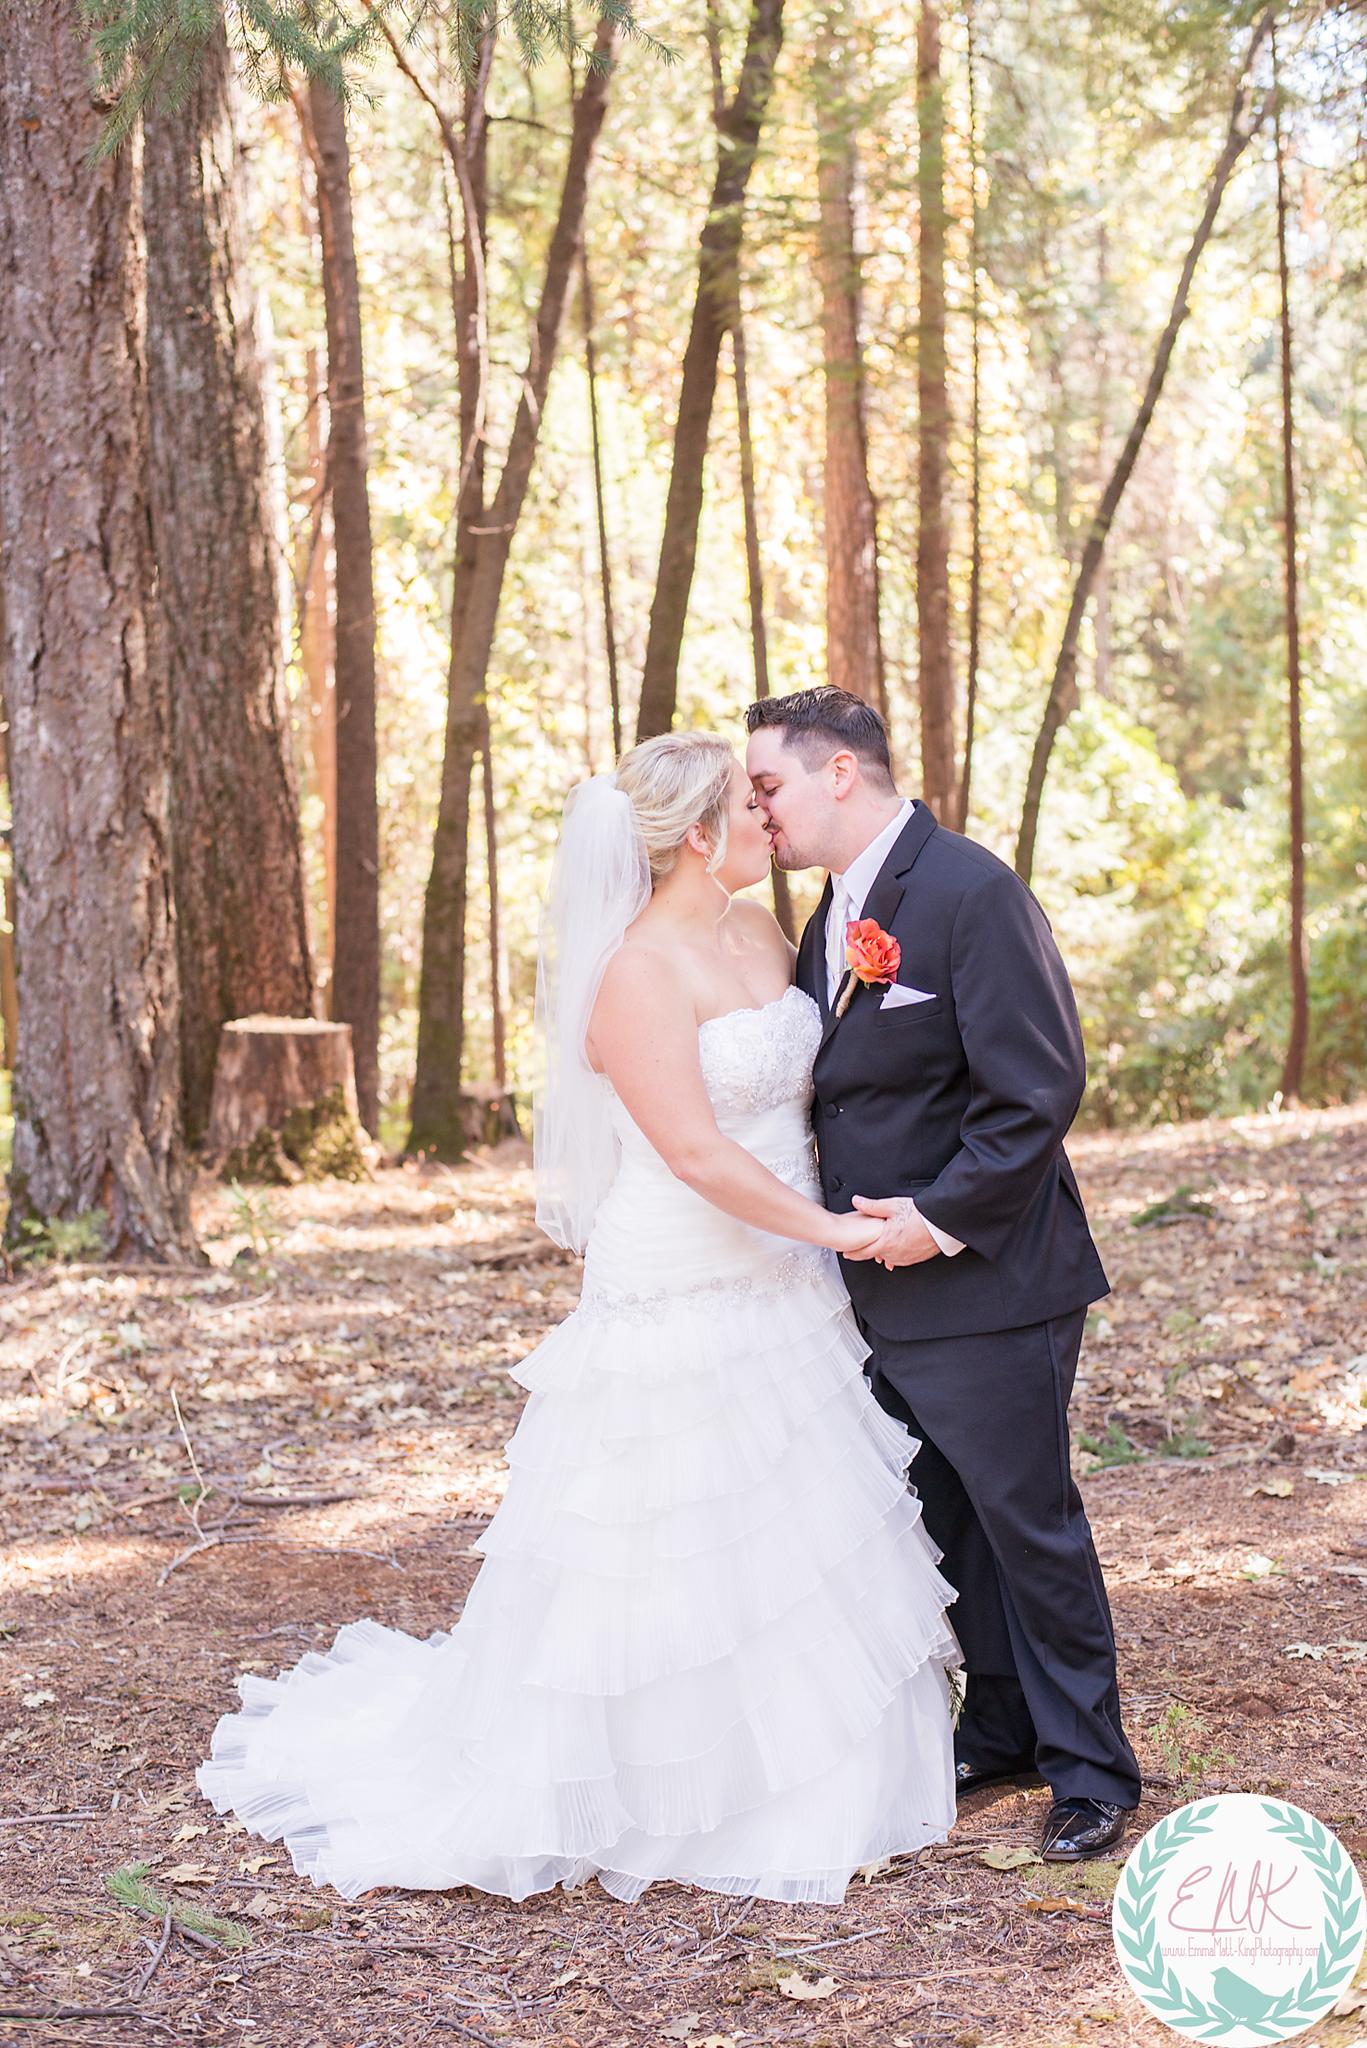 Waters Wedding EMKPhotography -15.jpg